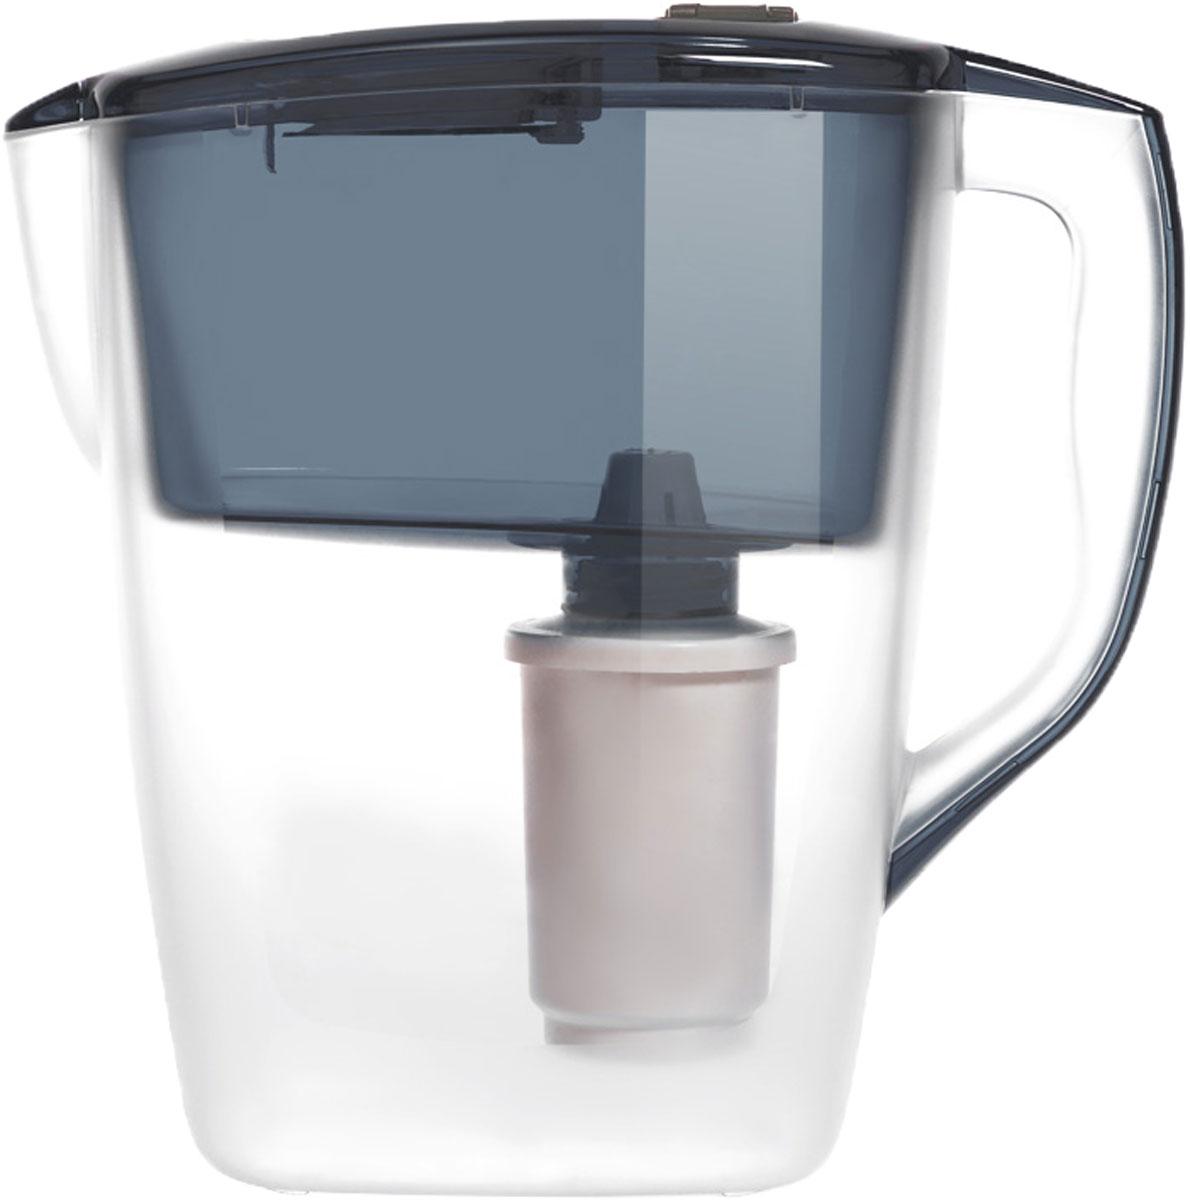 Фильтр-кувшин Гейзер Геркулес, цвет: графит, 4 л62043_графитФильтр-кувшин Гейзер Геркулес оптимален для семьи из трех и более человек. Оснащен механическим индикатором ресурса, который укажет, когда необходимо заменить картридж. Гейзер Геркулес используется для очистки холодной водопроводной и скважинной воды от ржавчины, растворенного железа, тяжелых металлов, хлора, органических соединений и других примесей. Улучшает вкус и цвет воды, а также устраняет неприятные запахи. Содержит активное серебро в несмываемой форме, которое блокирует размножение бактерий. В комплект Гейзер Геркулес входит картридж 501 для фильтра-кувшина, состоящий из уникального материала каталон, ионообменной смолы и кокосового угля. Картридж вкручивается в приемную воронку кувшина, обеспечивая герметичное соединение, что позволяет исключить протечку исходной воды. В комплекте картридж Гейзер 501. Ресурс: 350 литров. Дополнительная информация:Объем кувшина: 4 л Объем приемной воронки: 2 л Полезный объем: 2 л Температура очищаемой воды: до +40 °С. Скорость очистки: от 0,4 до 0,2 л/мин. Ресурс картриджа: 350 л.